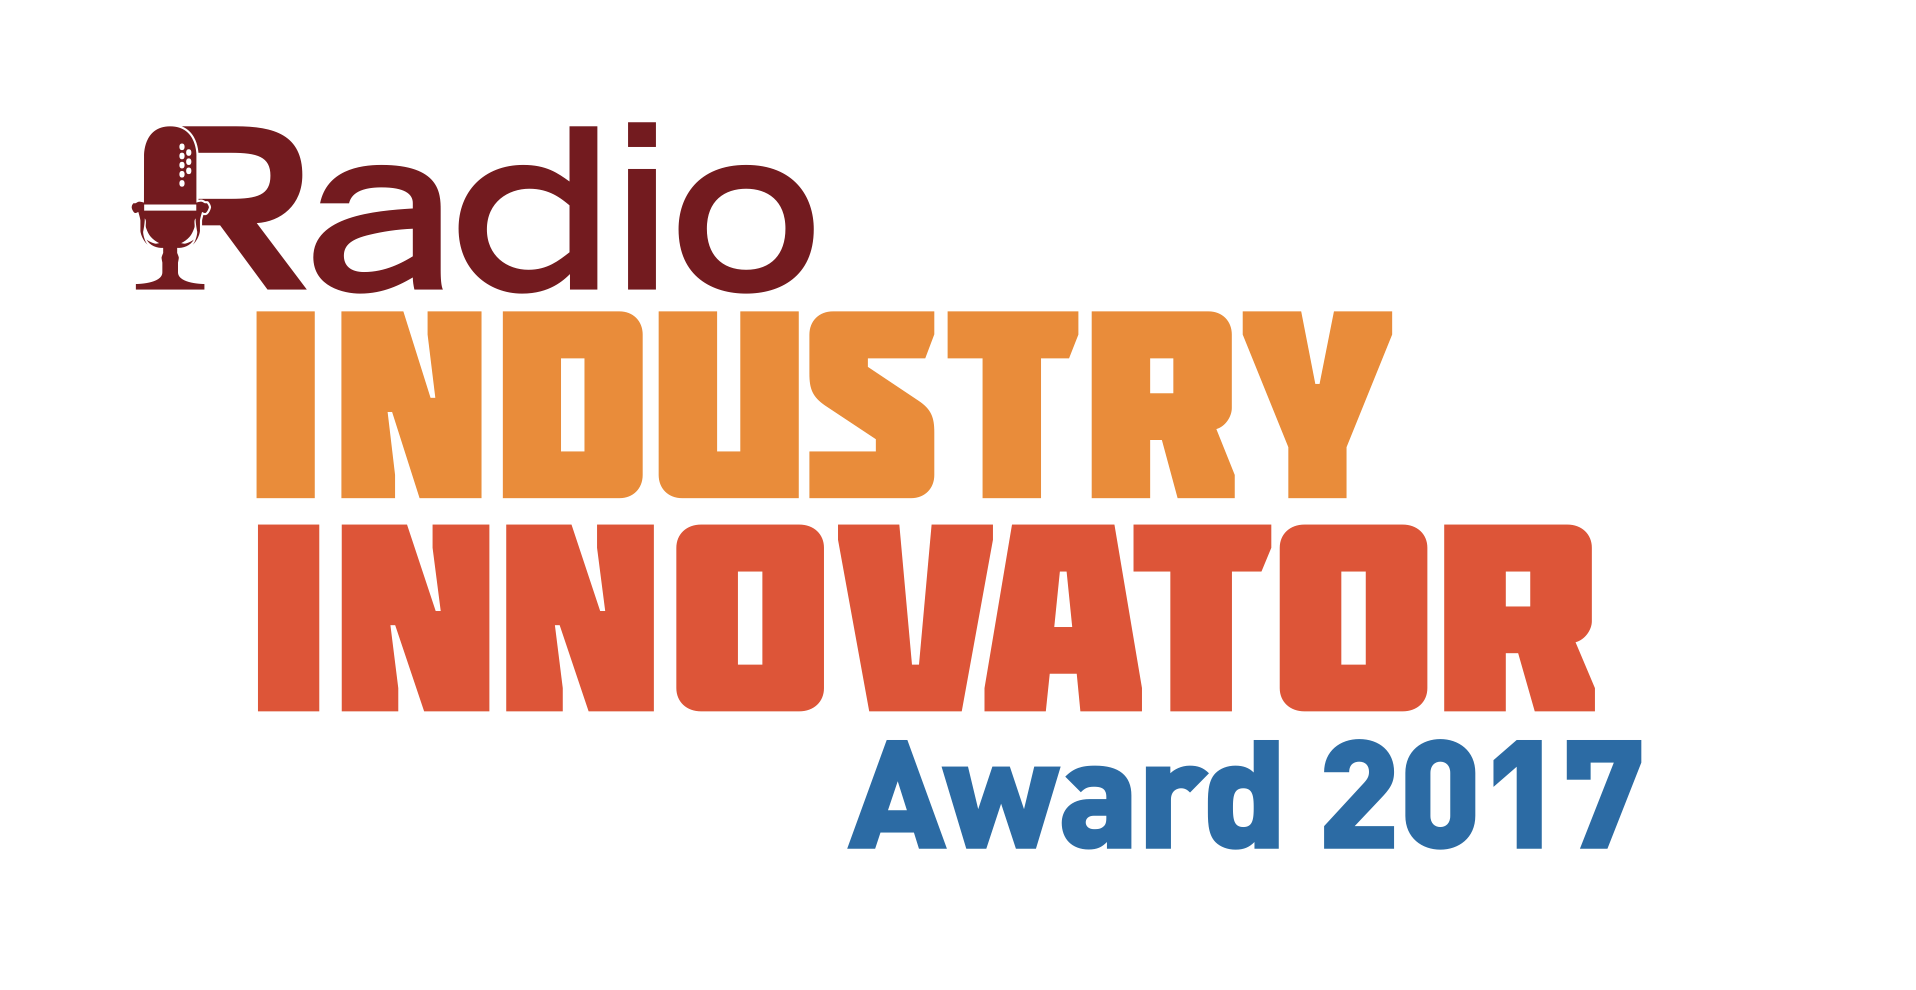 Radio Industry Innovator Award